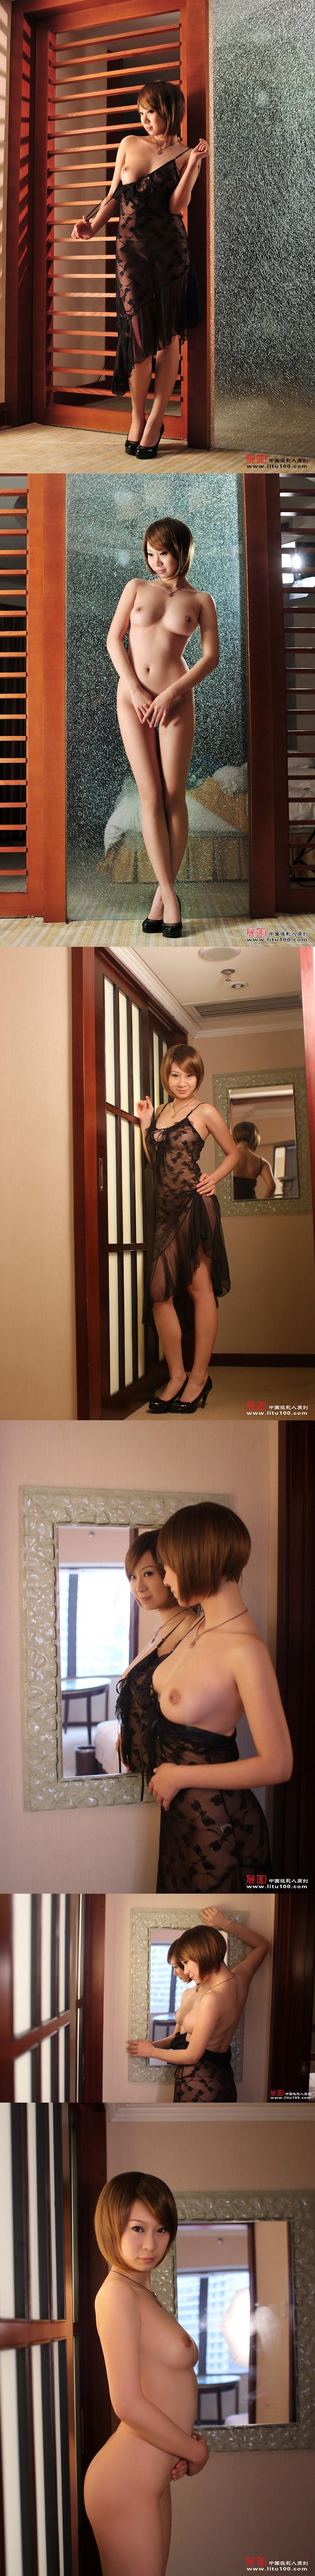 LITU-2009-05-01-WW-C.rar-jk- LITU100 LITU-2009-05-01-WW-C